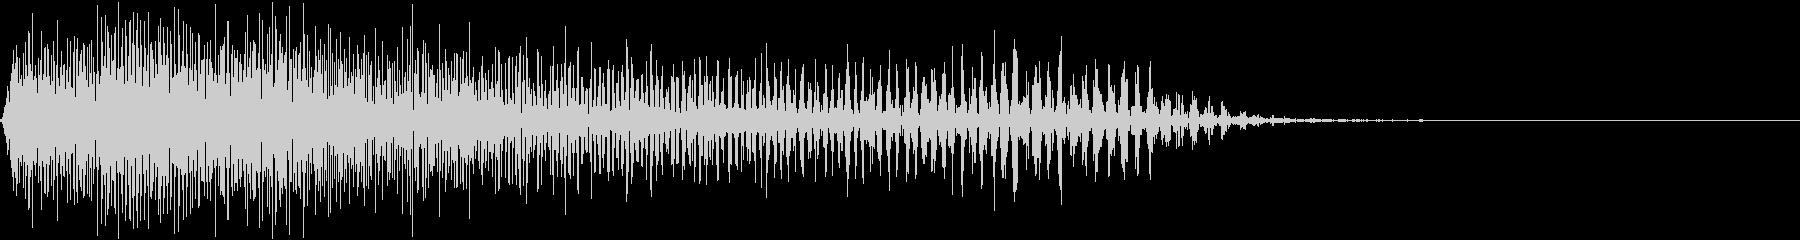 パワーダウンストップの未再生の波形